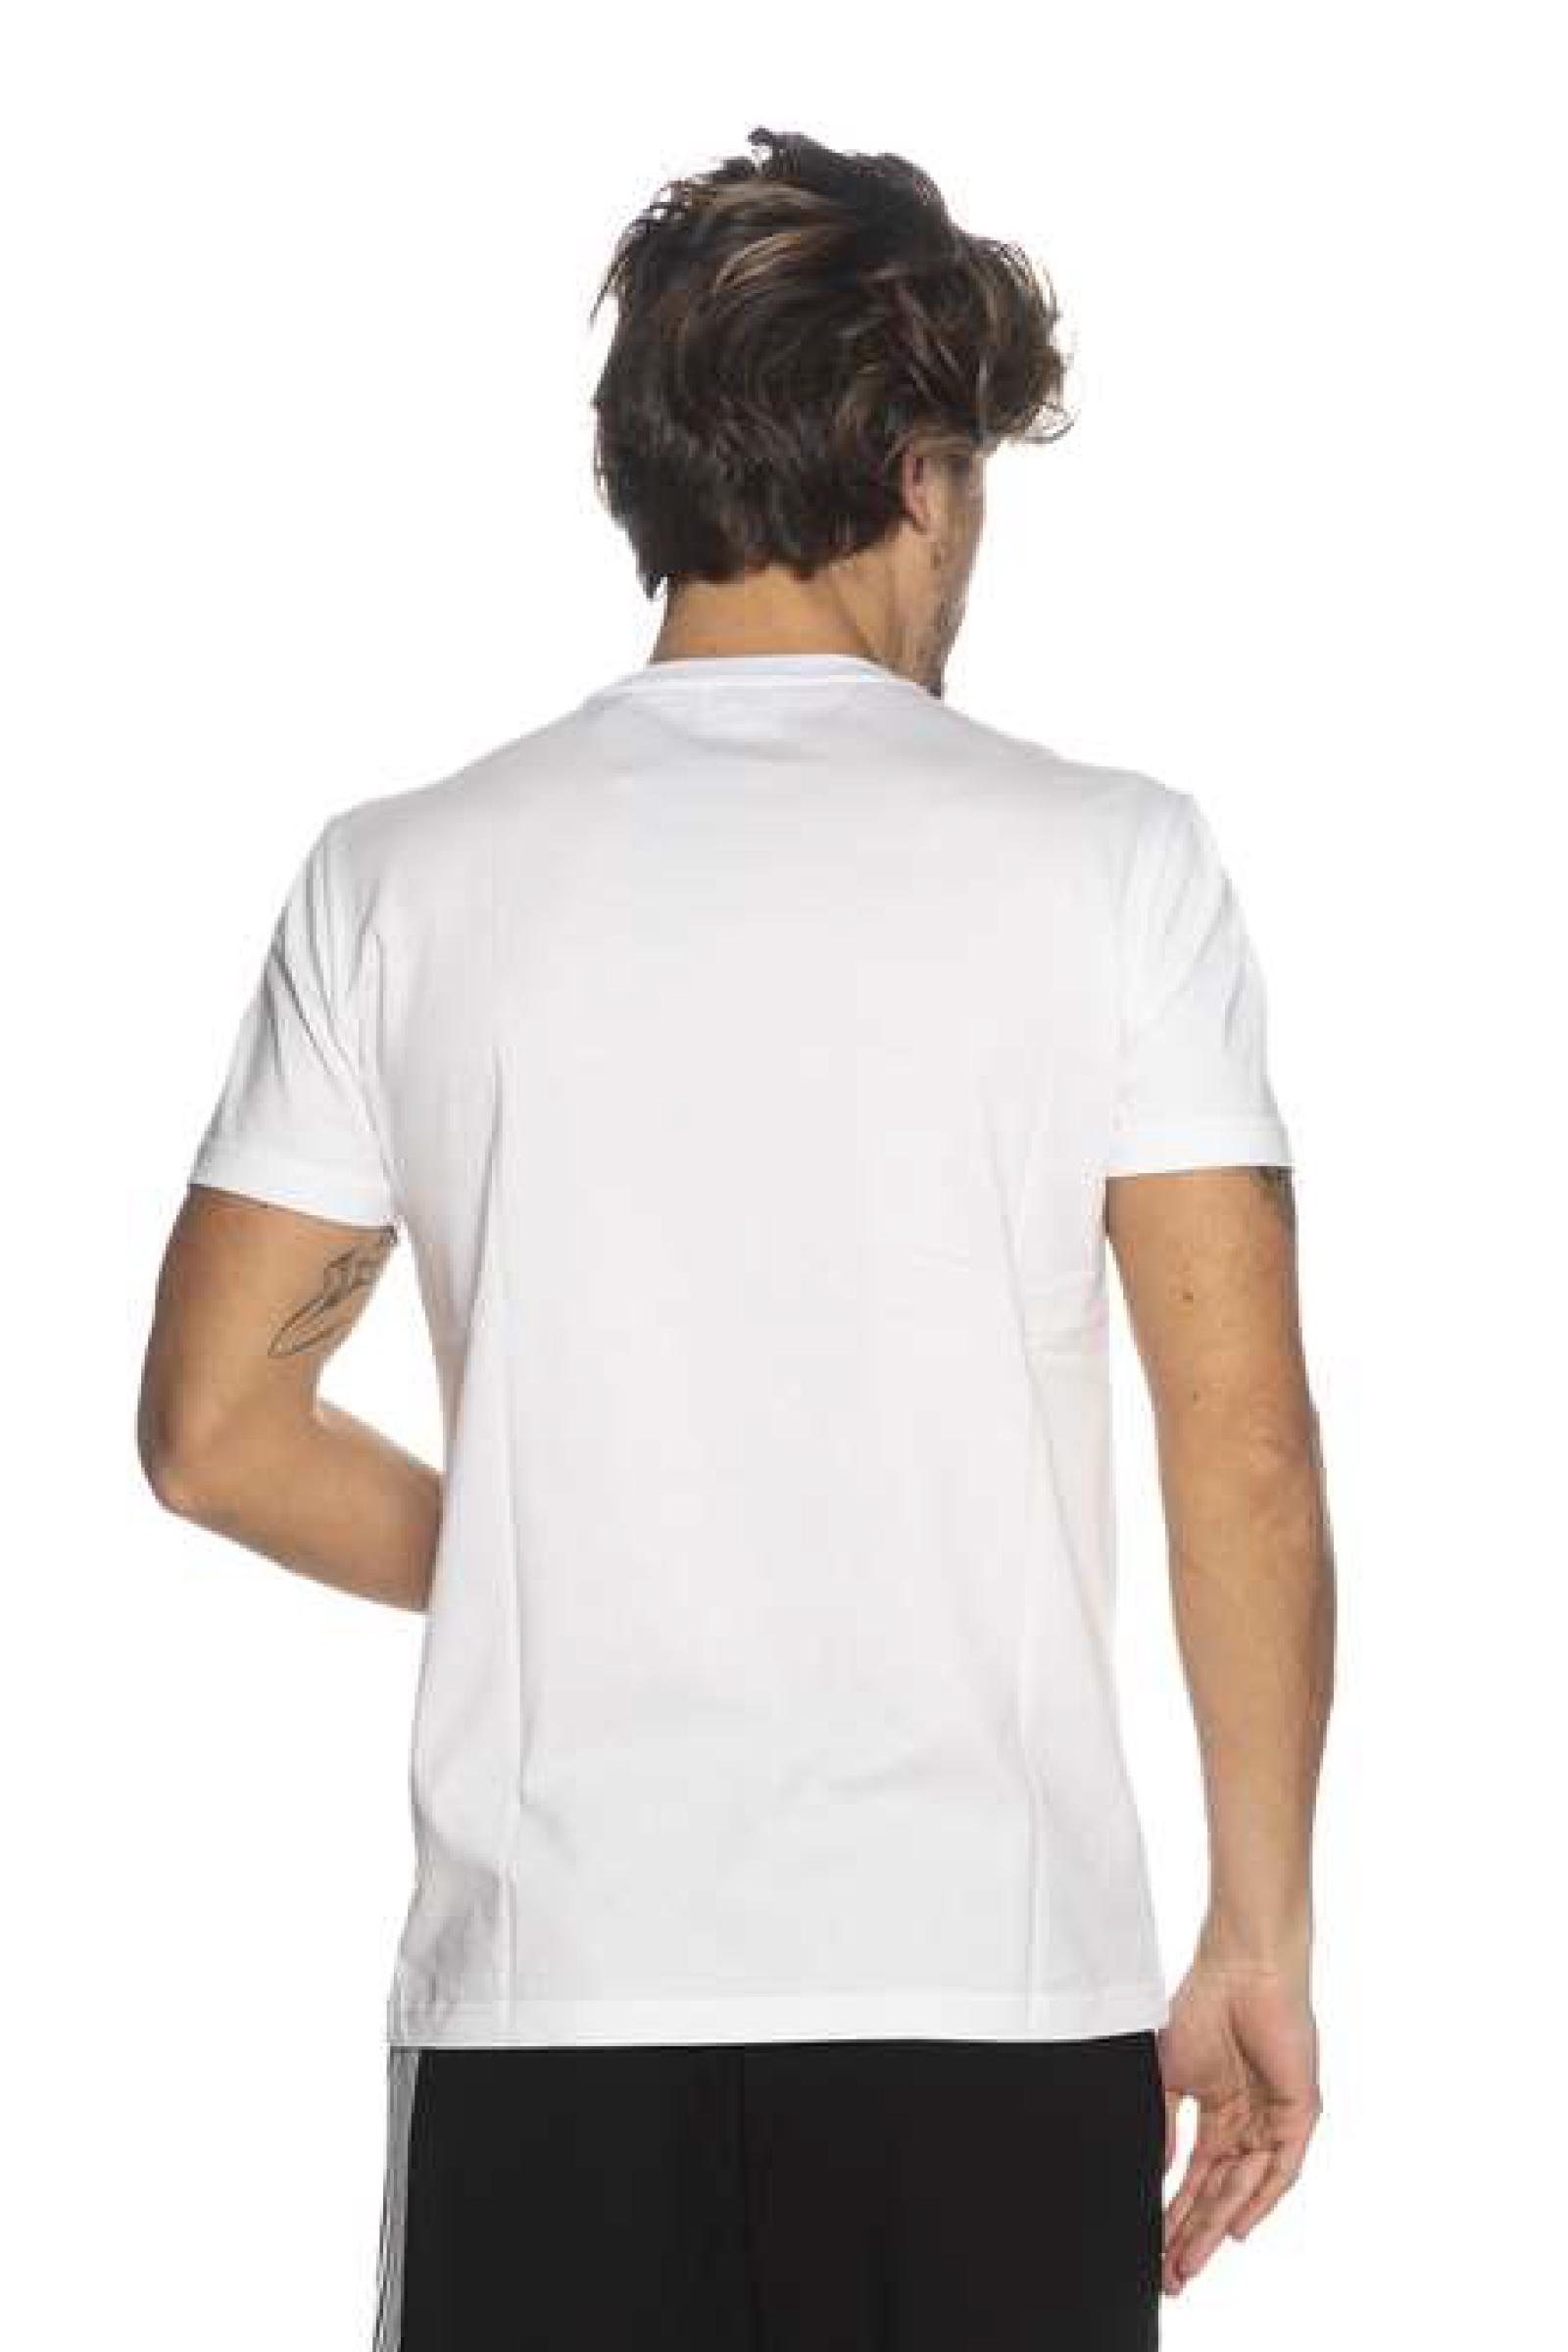 ARMANI EA7 T-Shirt Uomo ARMANI EA7   T-Shirt   3KPT39 PJ02Z1100